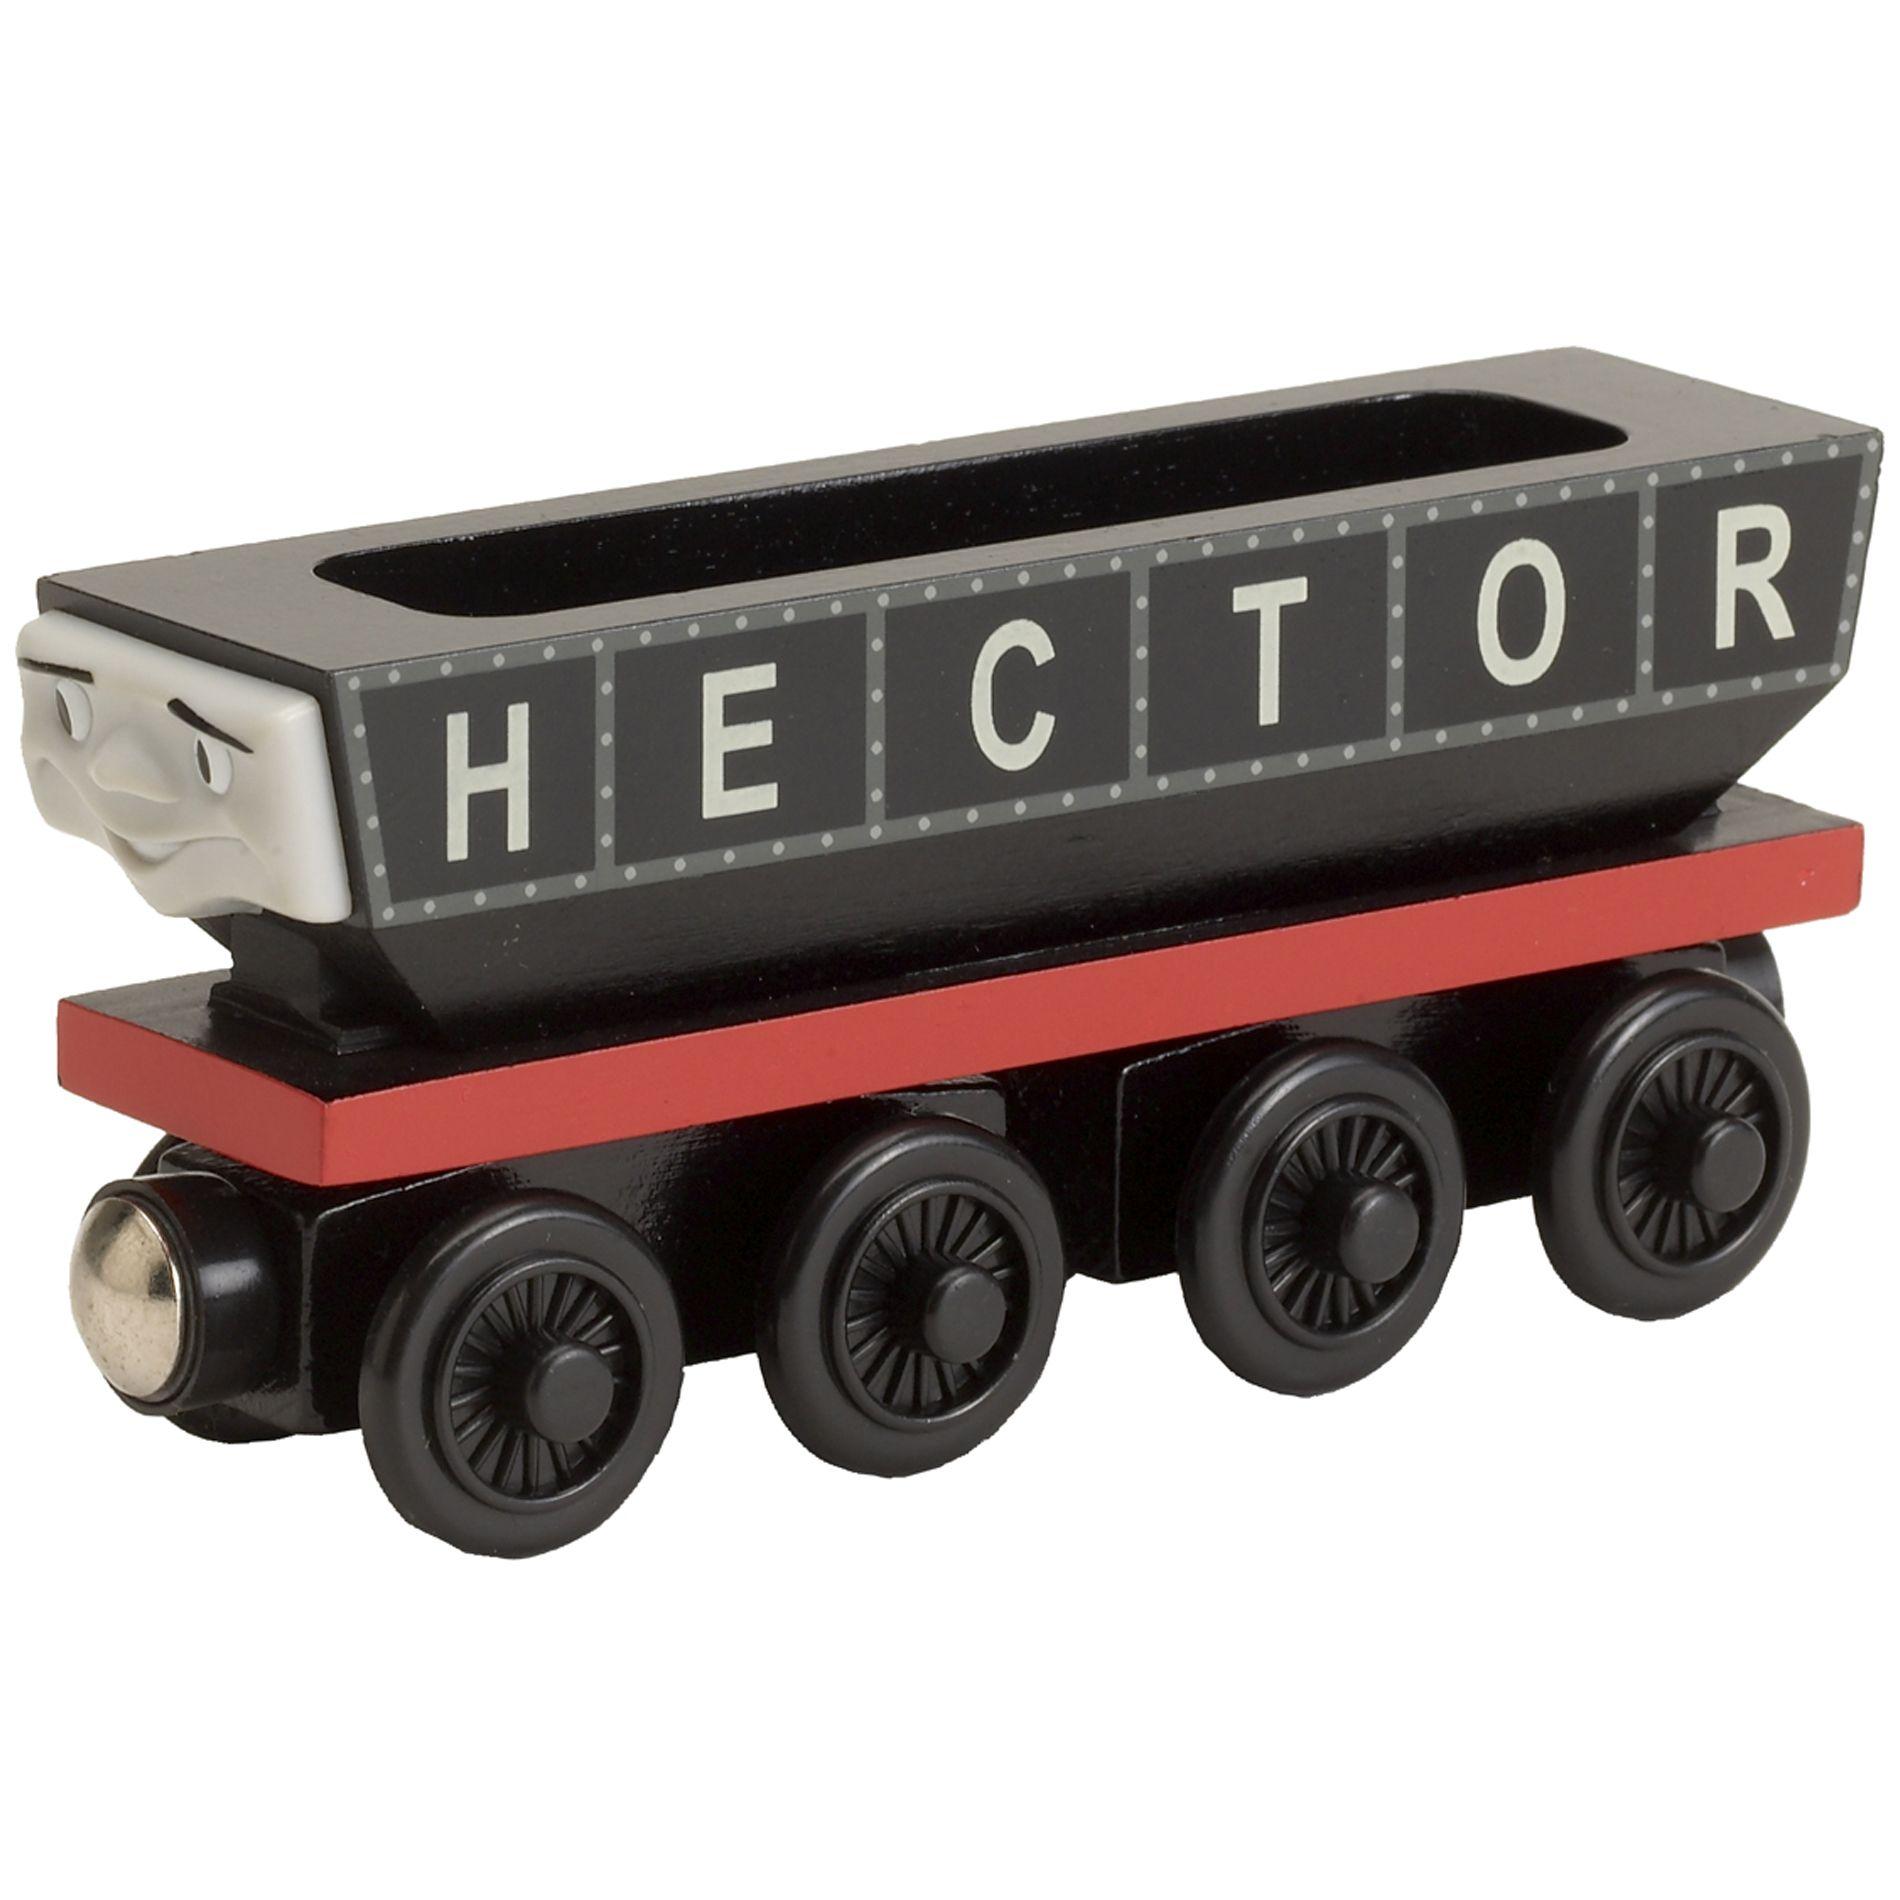 File:Hector.jpg